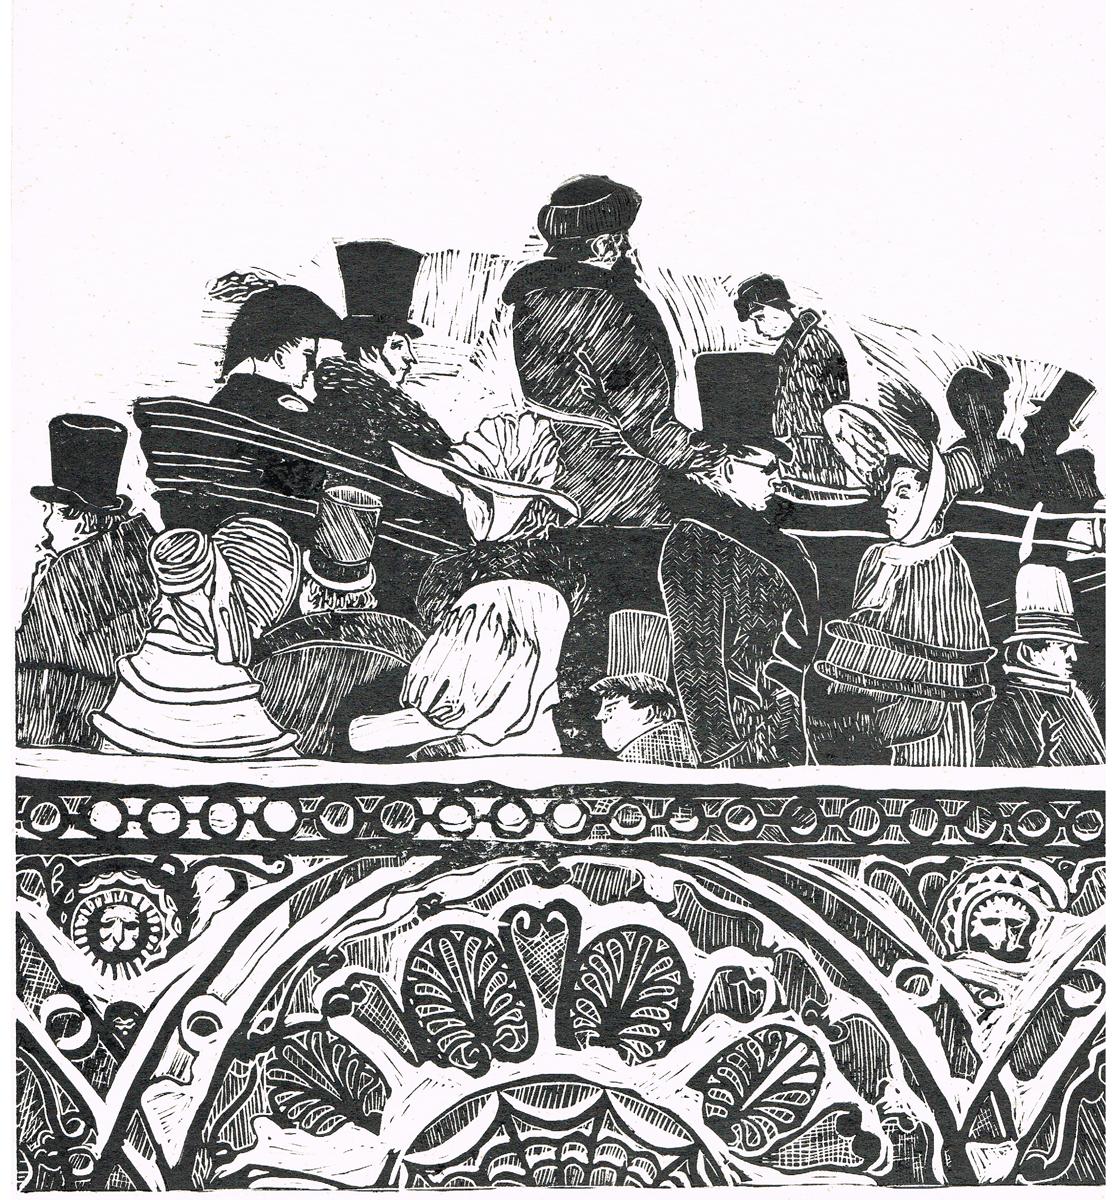 Пушкинский Петербург. Линогравюра. Автор Новоселов. СССР, 1980 гг